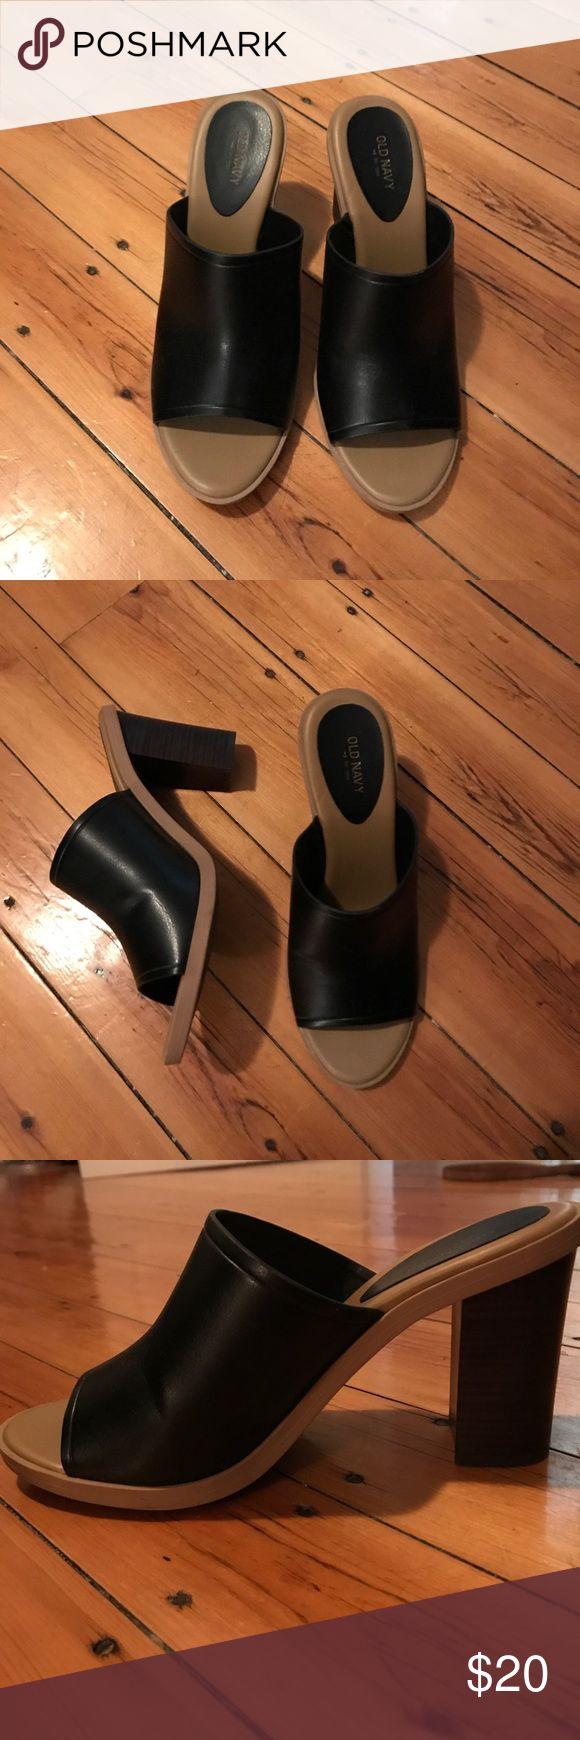 Black heeled Old Nacy mule sandals Very cute, never worn Old Navy heeled mule sandals! Old Navy Shoes Sandals